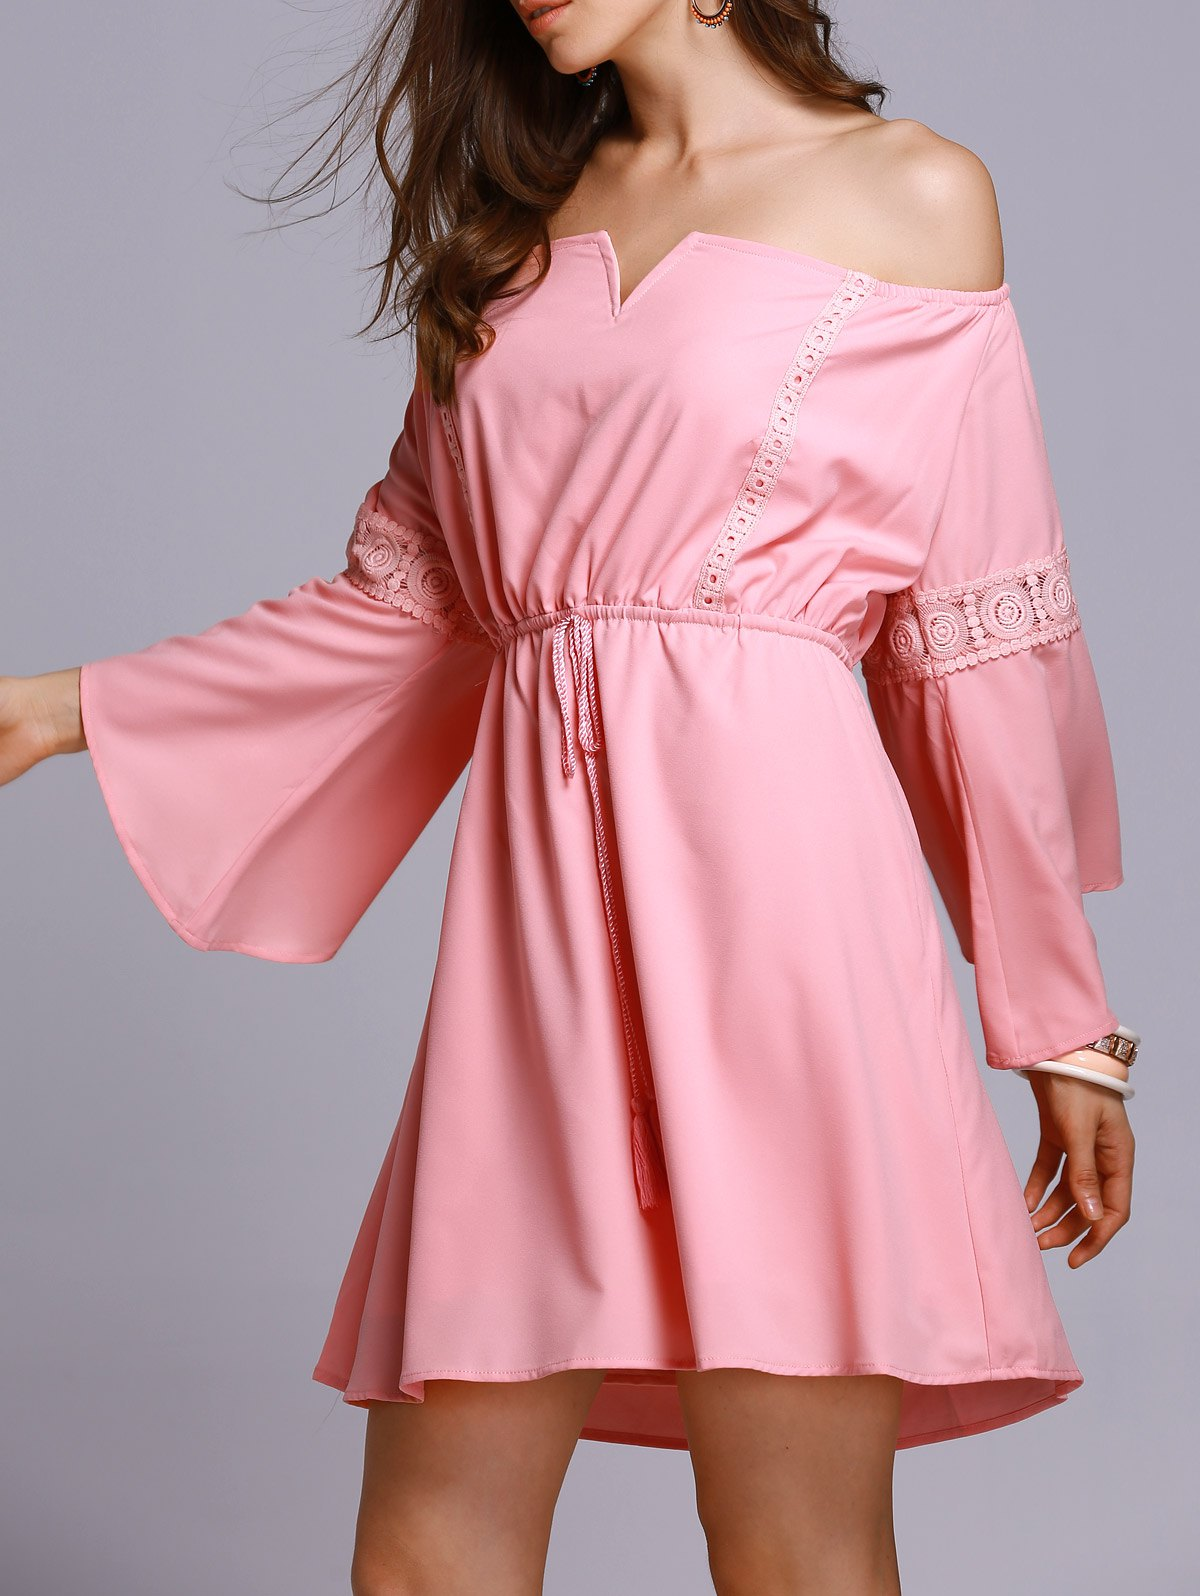 Off The Shoulder 3/4 Sleeve Pink A Line Dress